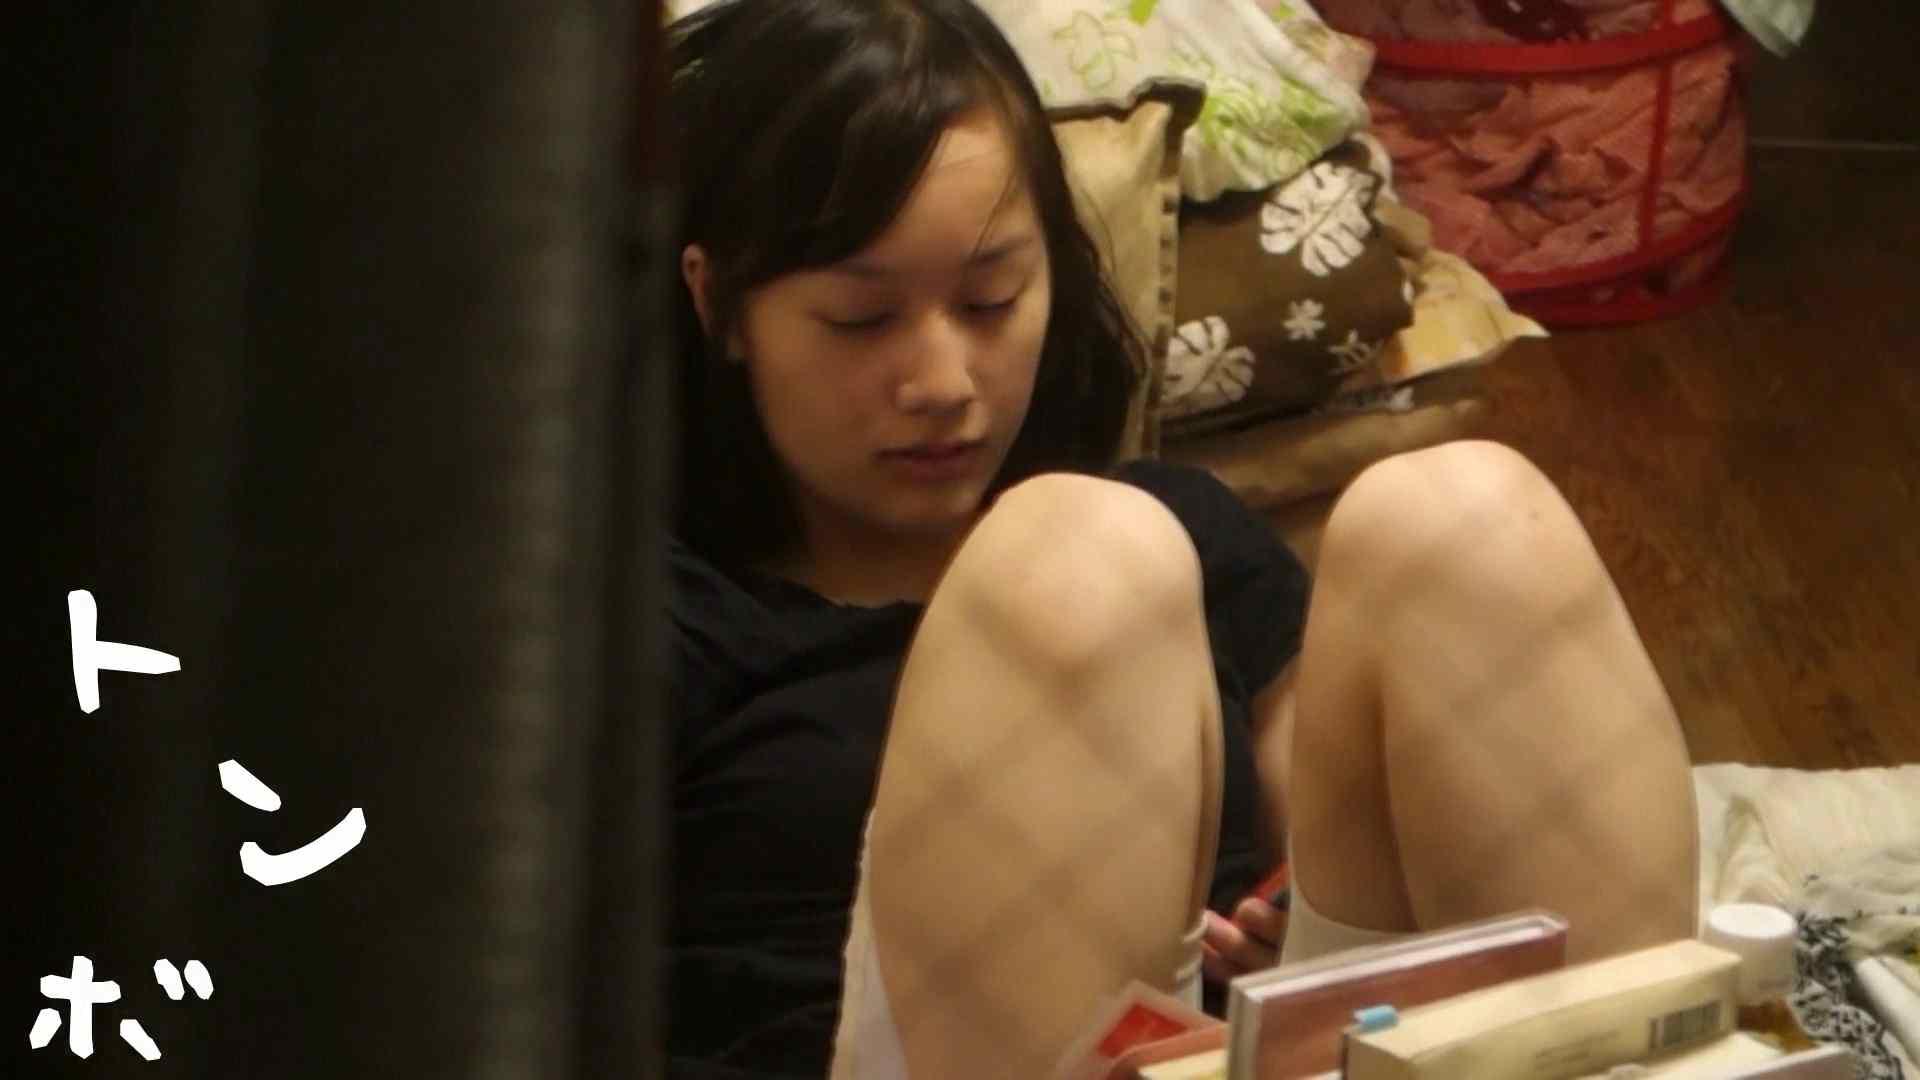 リアル盗撮 S級美女女子大生の私生活② エロくん潜入 覗きおまんこ画像 88連発 3